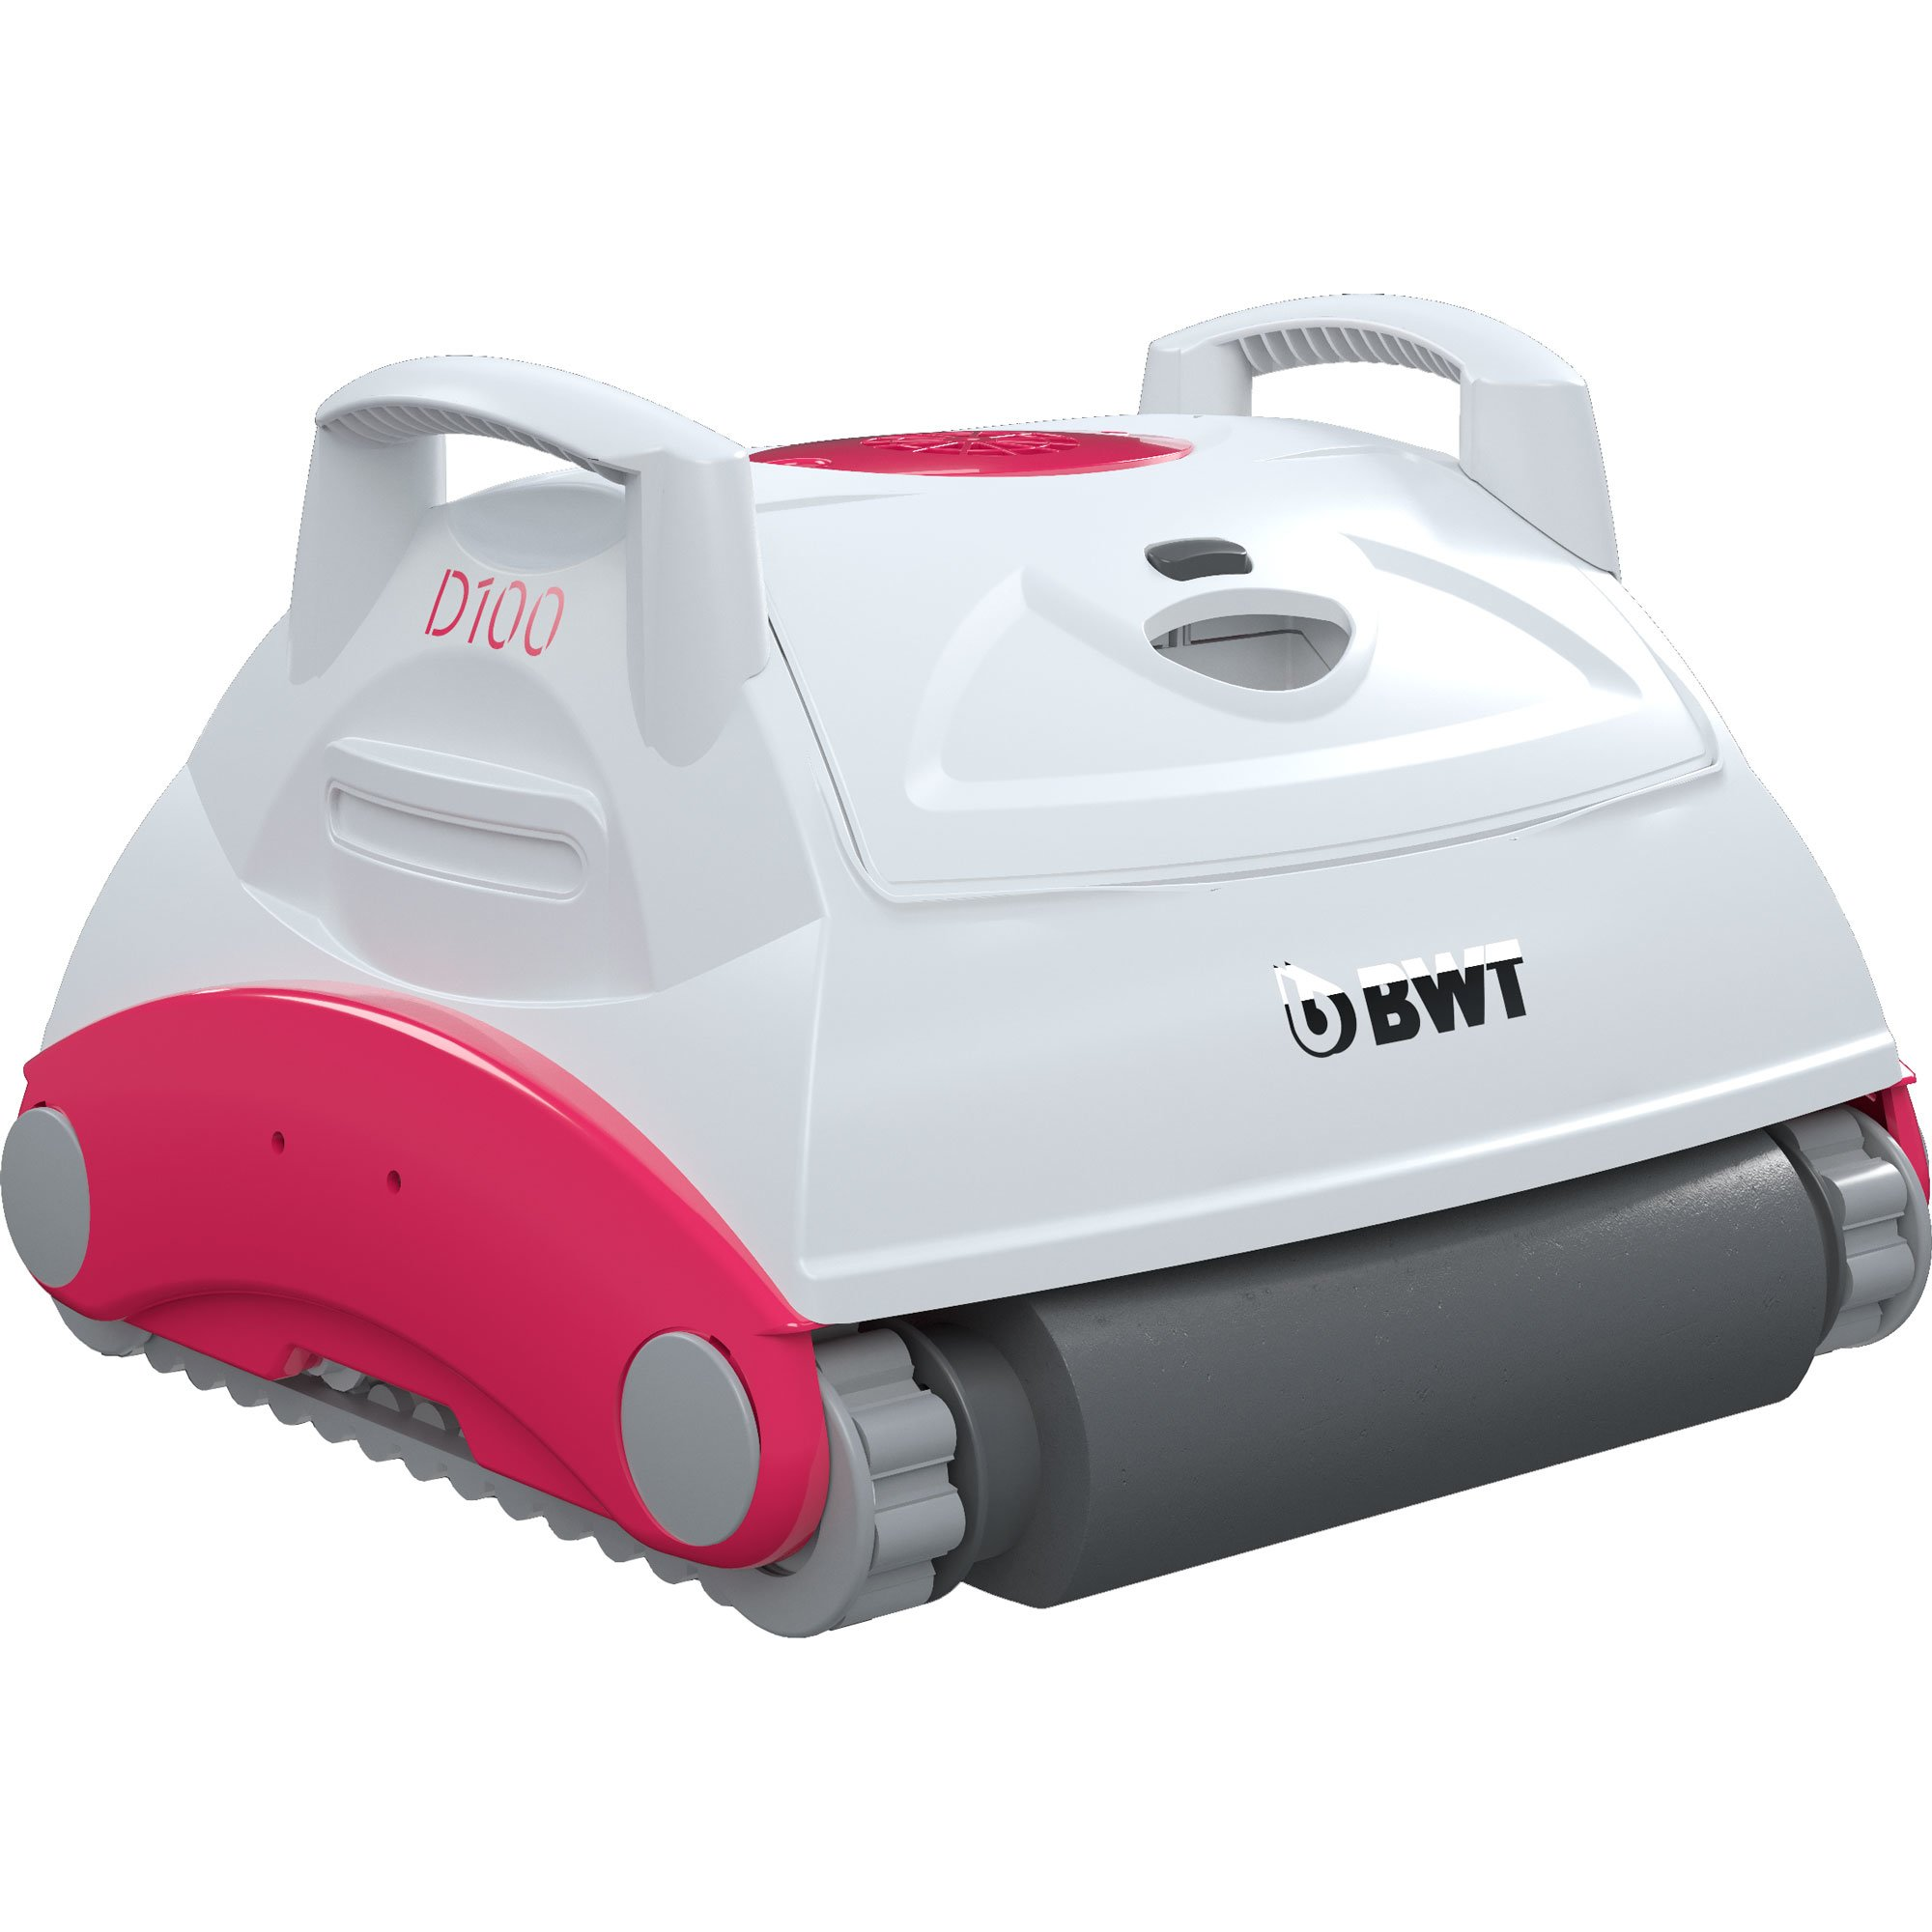 BWT D100 poolrobot